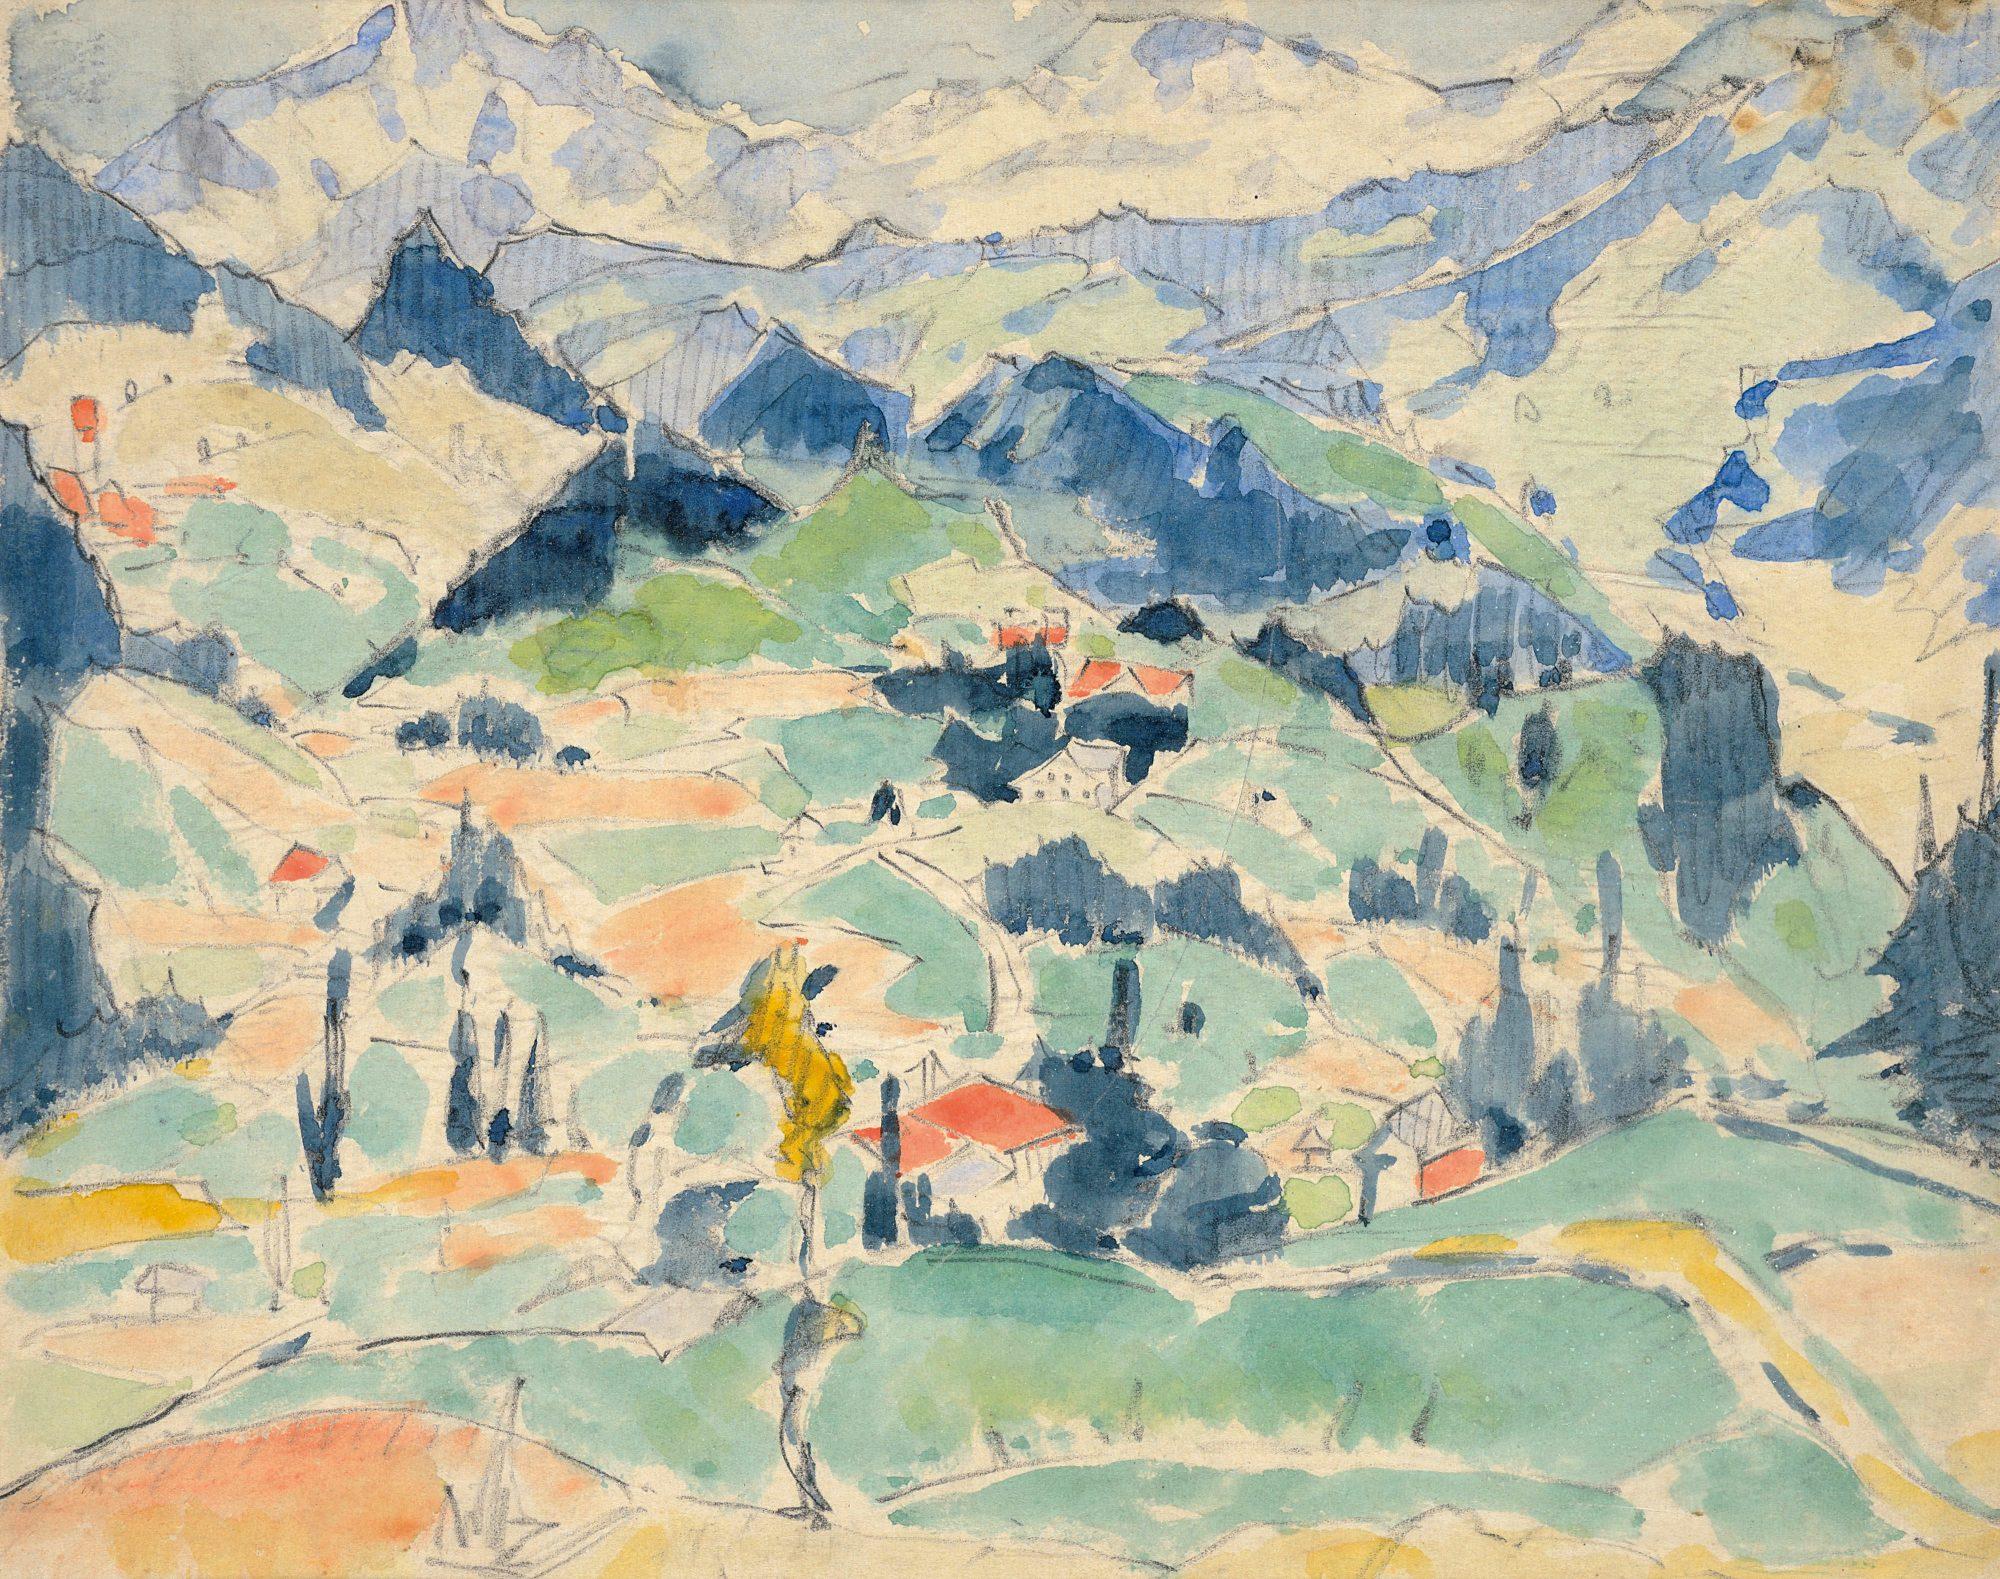 Oberstdorf Landscape